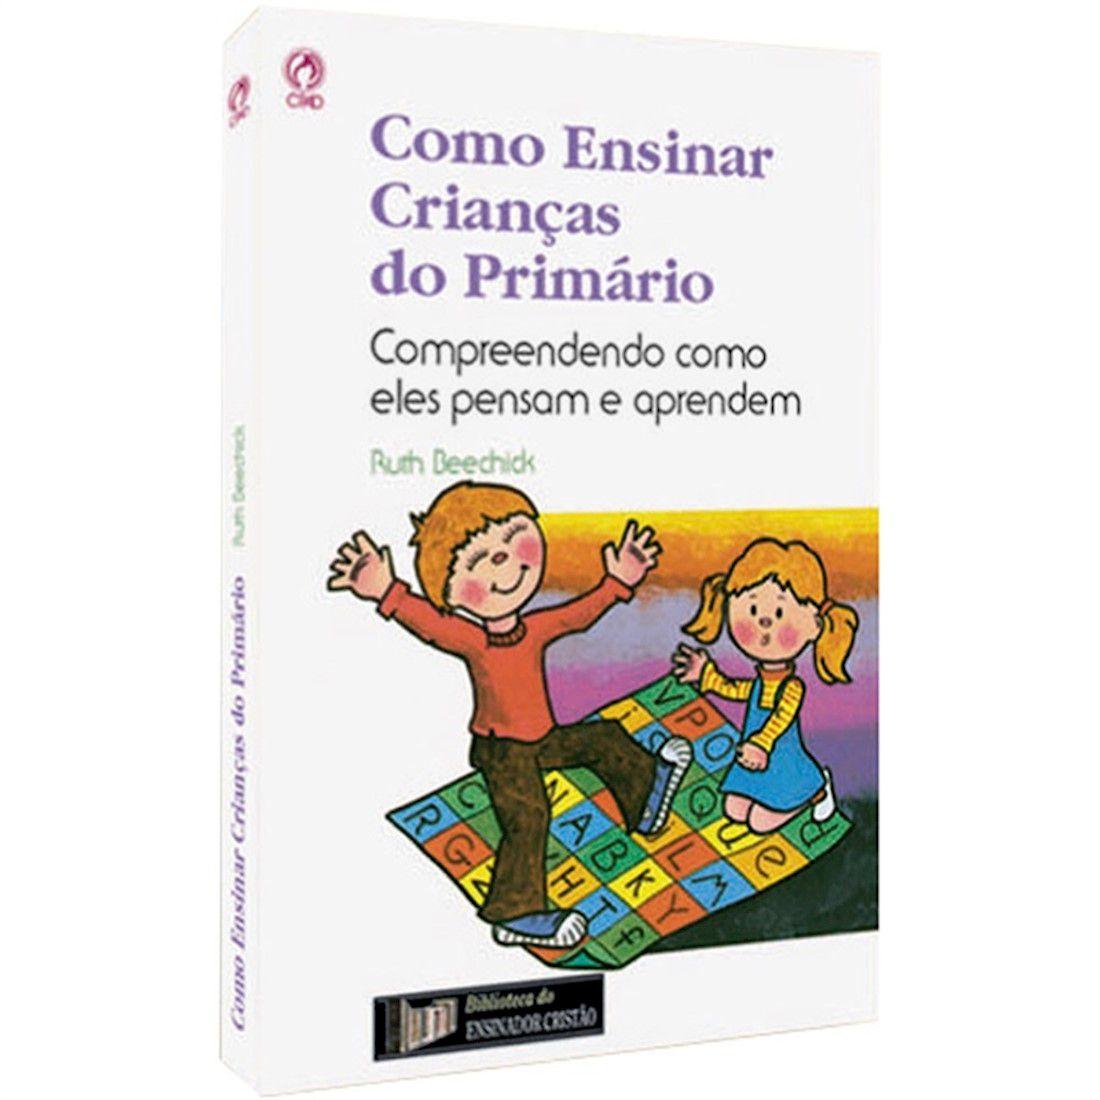 Livro Como Ensinar Crianças do Primário